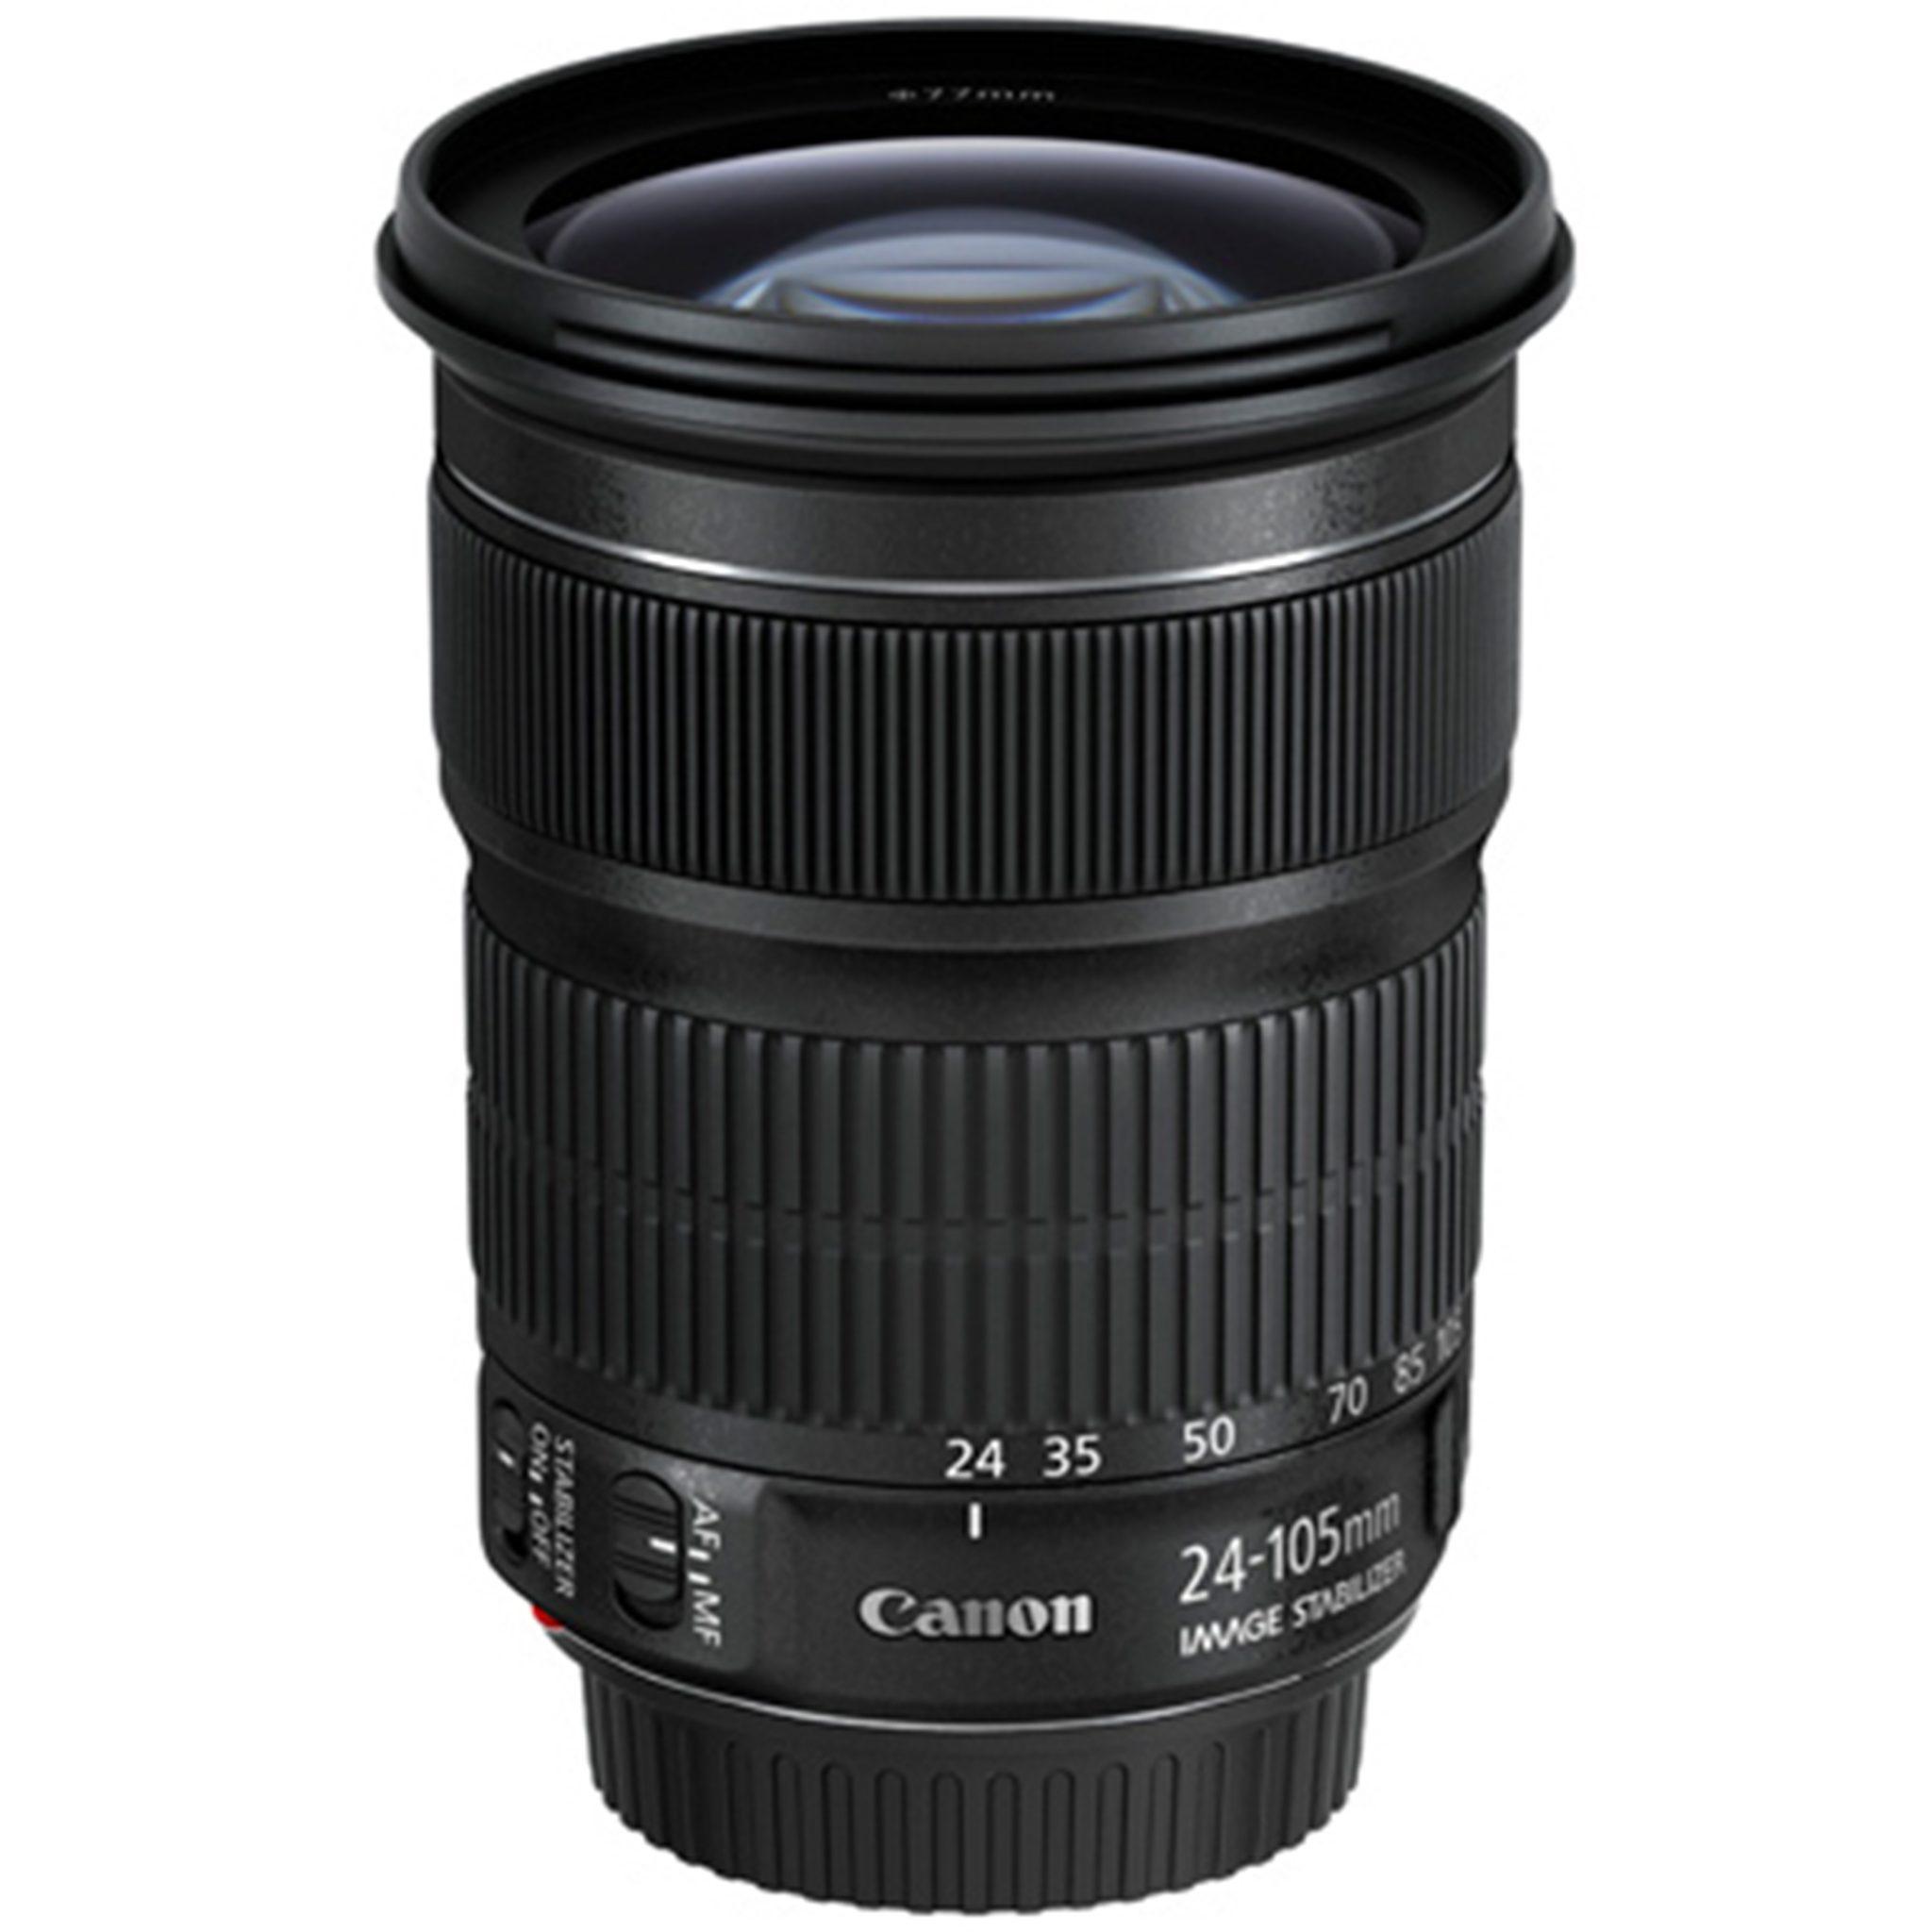 لنز کانن EF 24-105mm IS STM